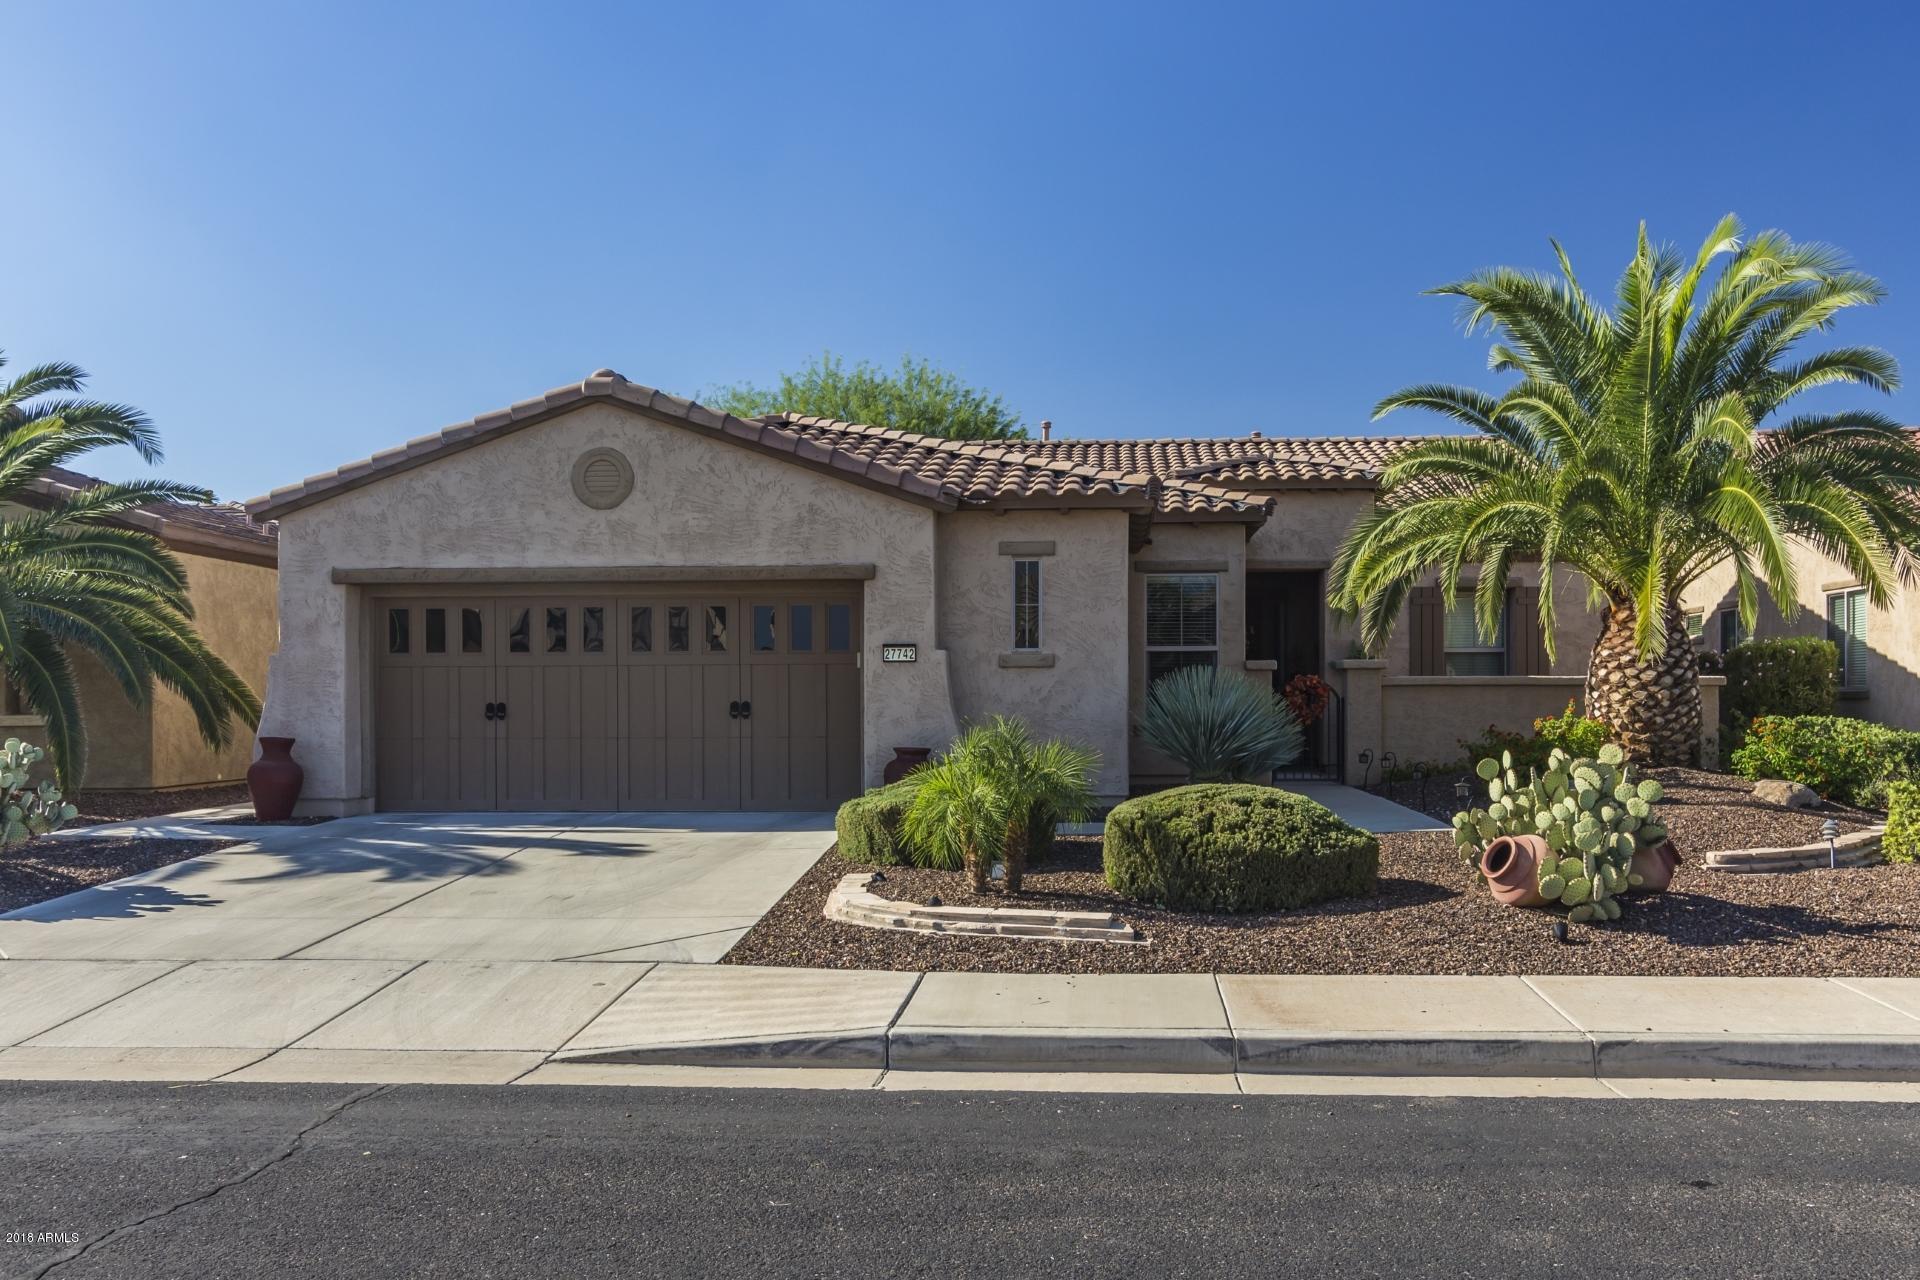 Photo of 27742 N 129TH Lane, Peoria, AZ 85383